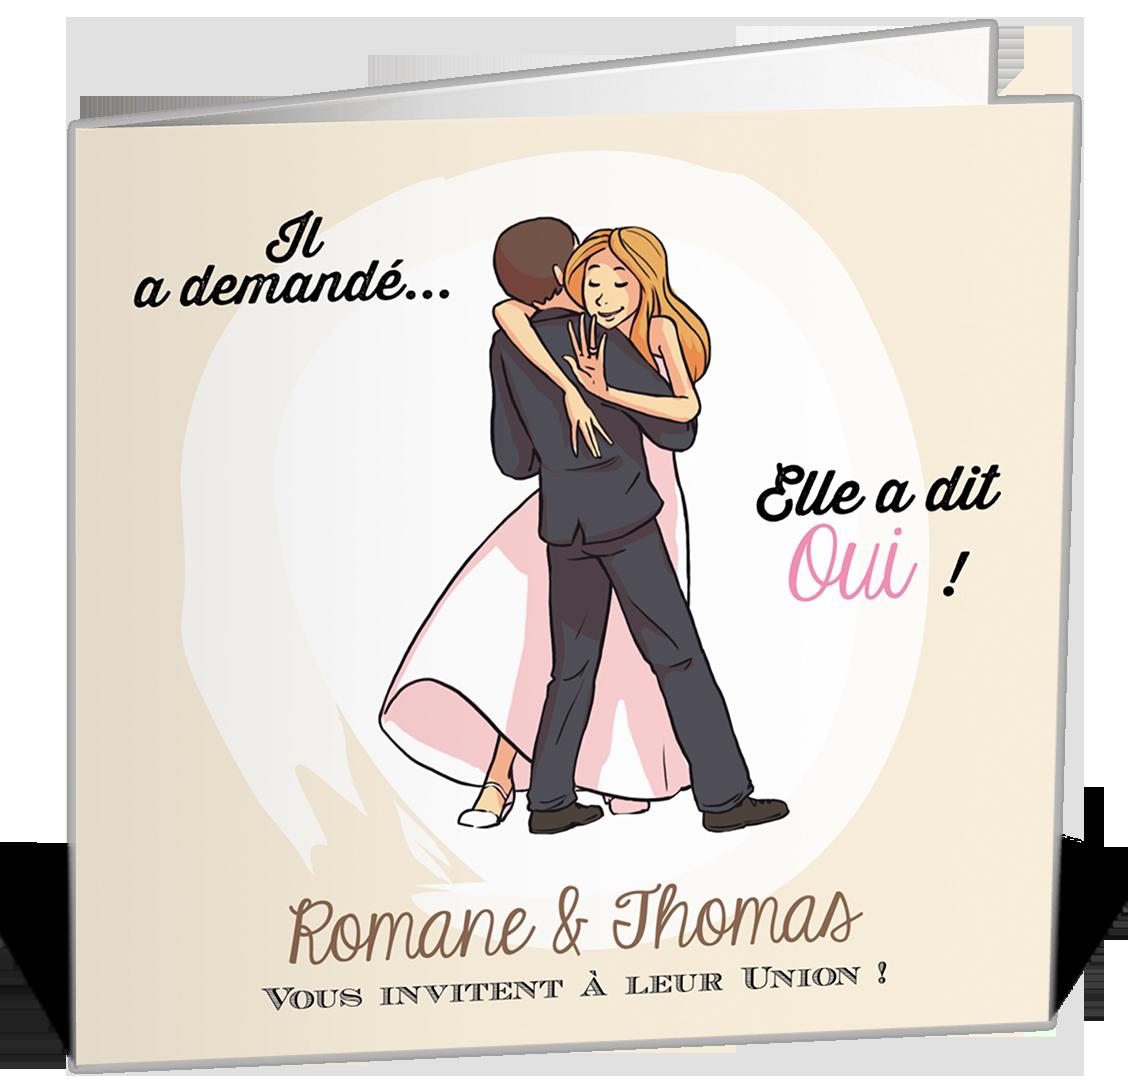 Faire Part Mariage Mariés Illustrés Faire Part Mariage Humoristique Faire Part Mariage Mariage Humour